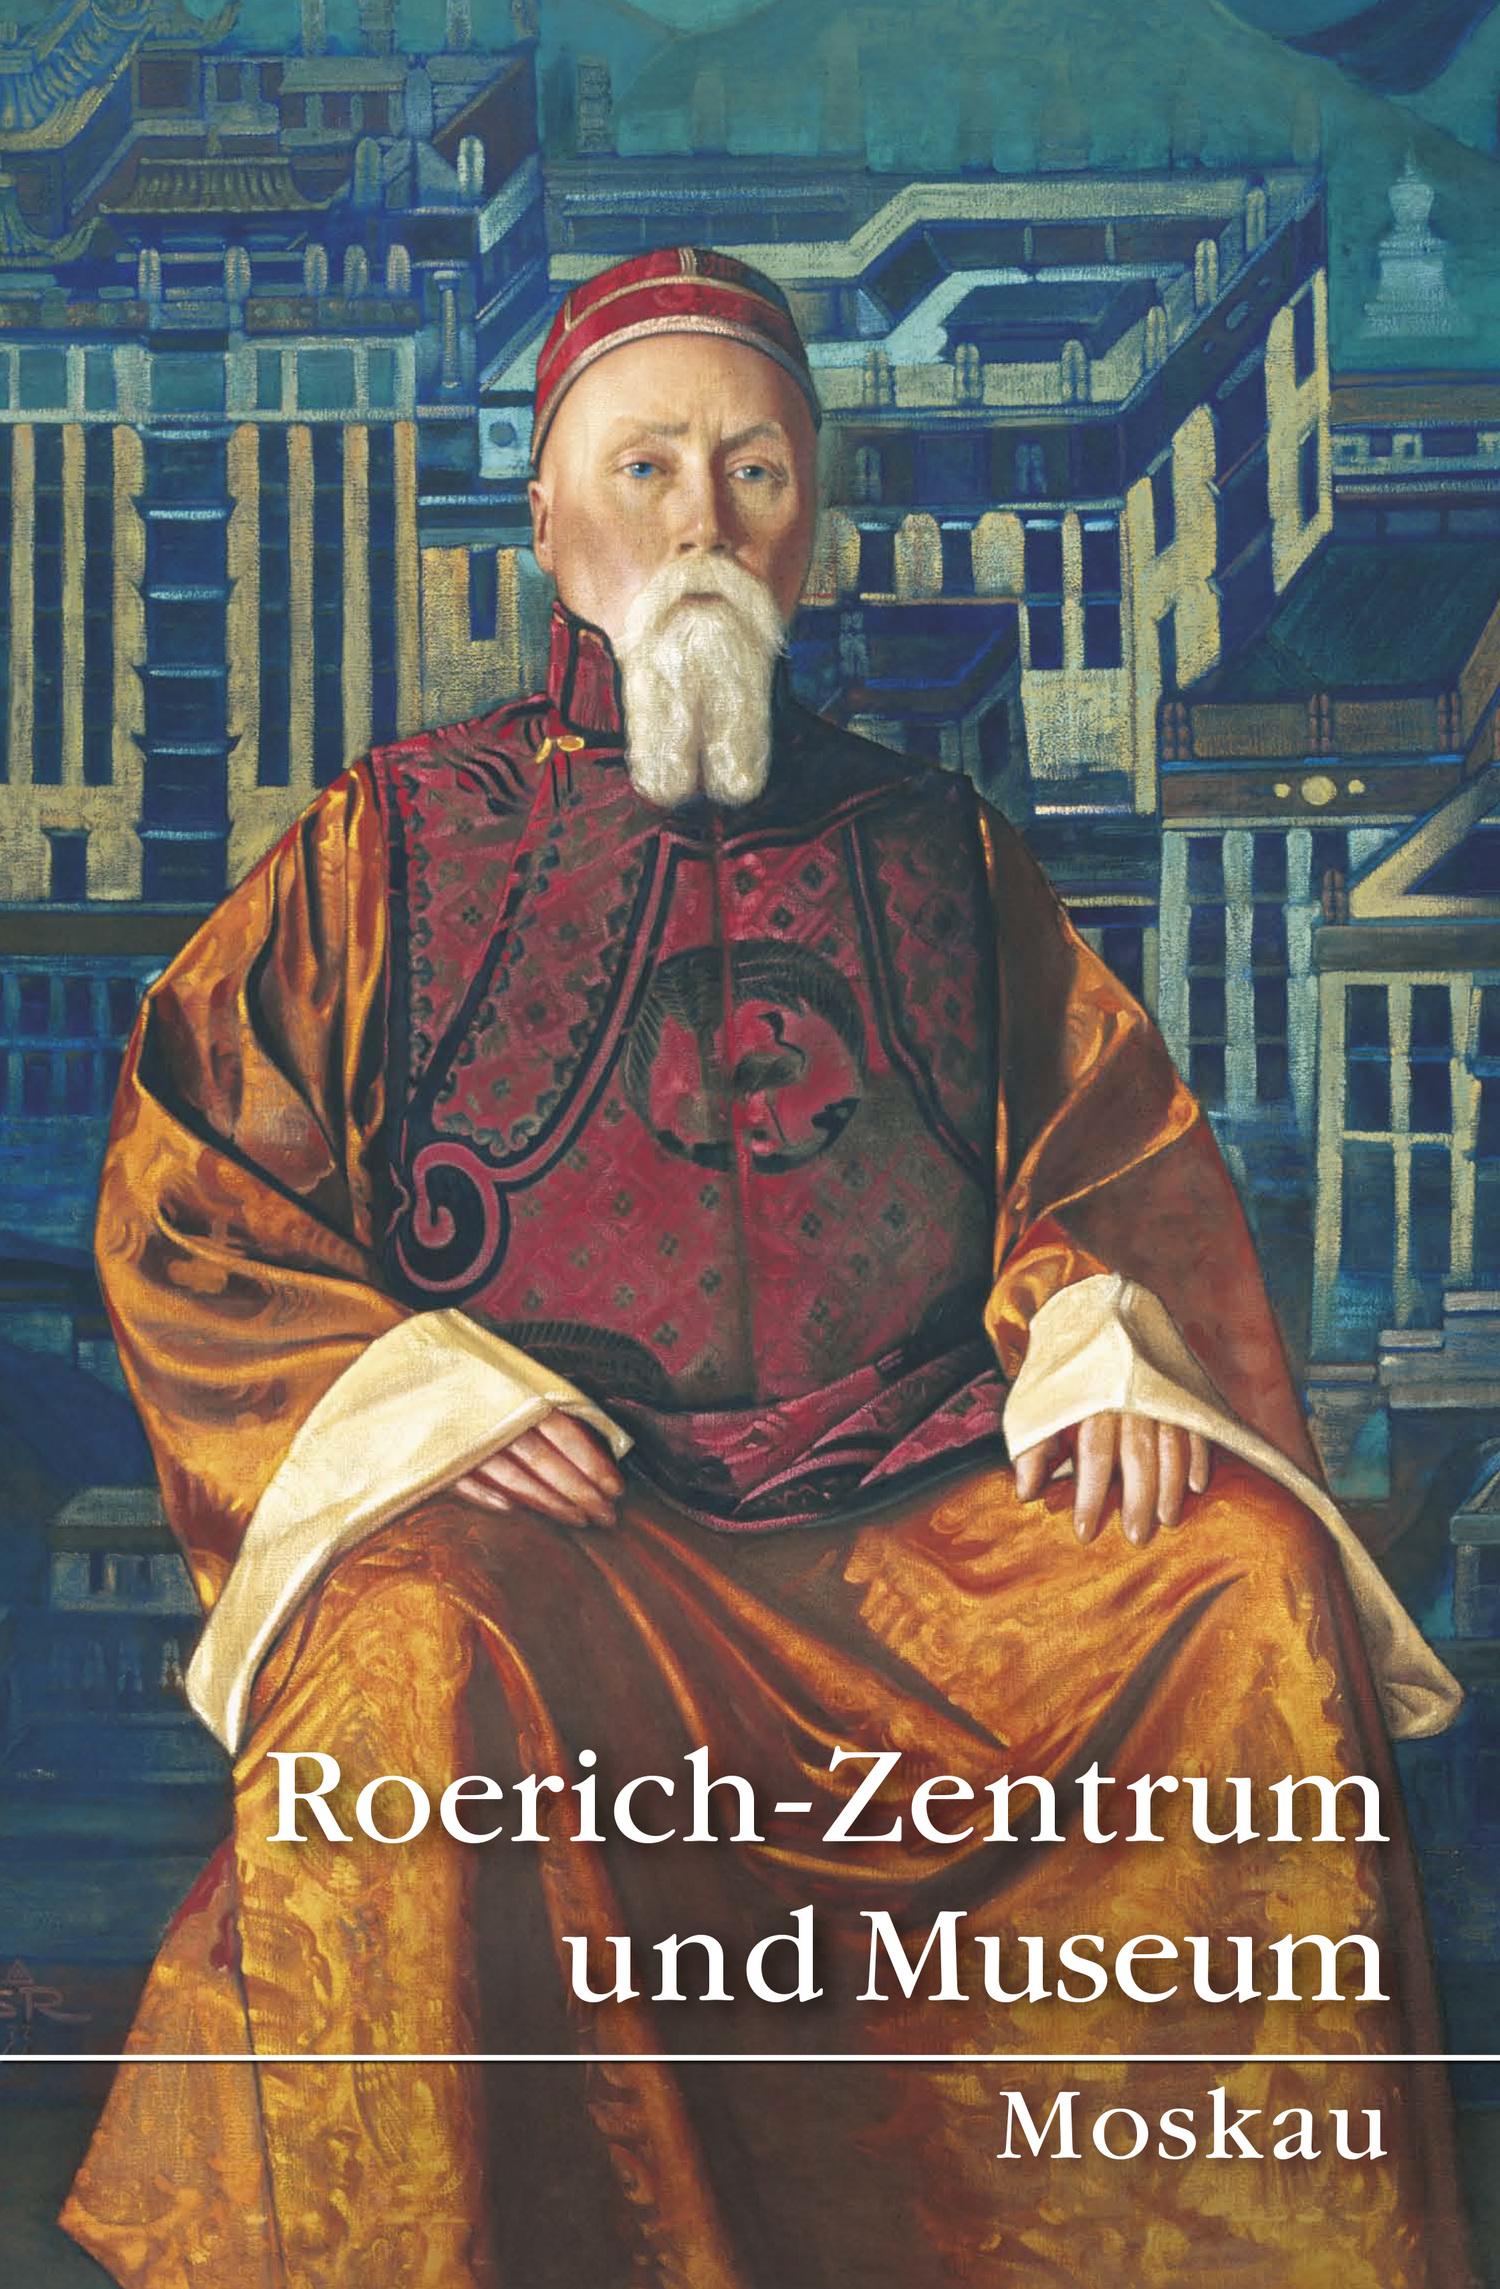 Roerich-Zentrum und Museum. Moskau